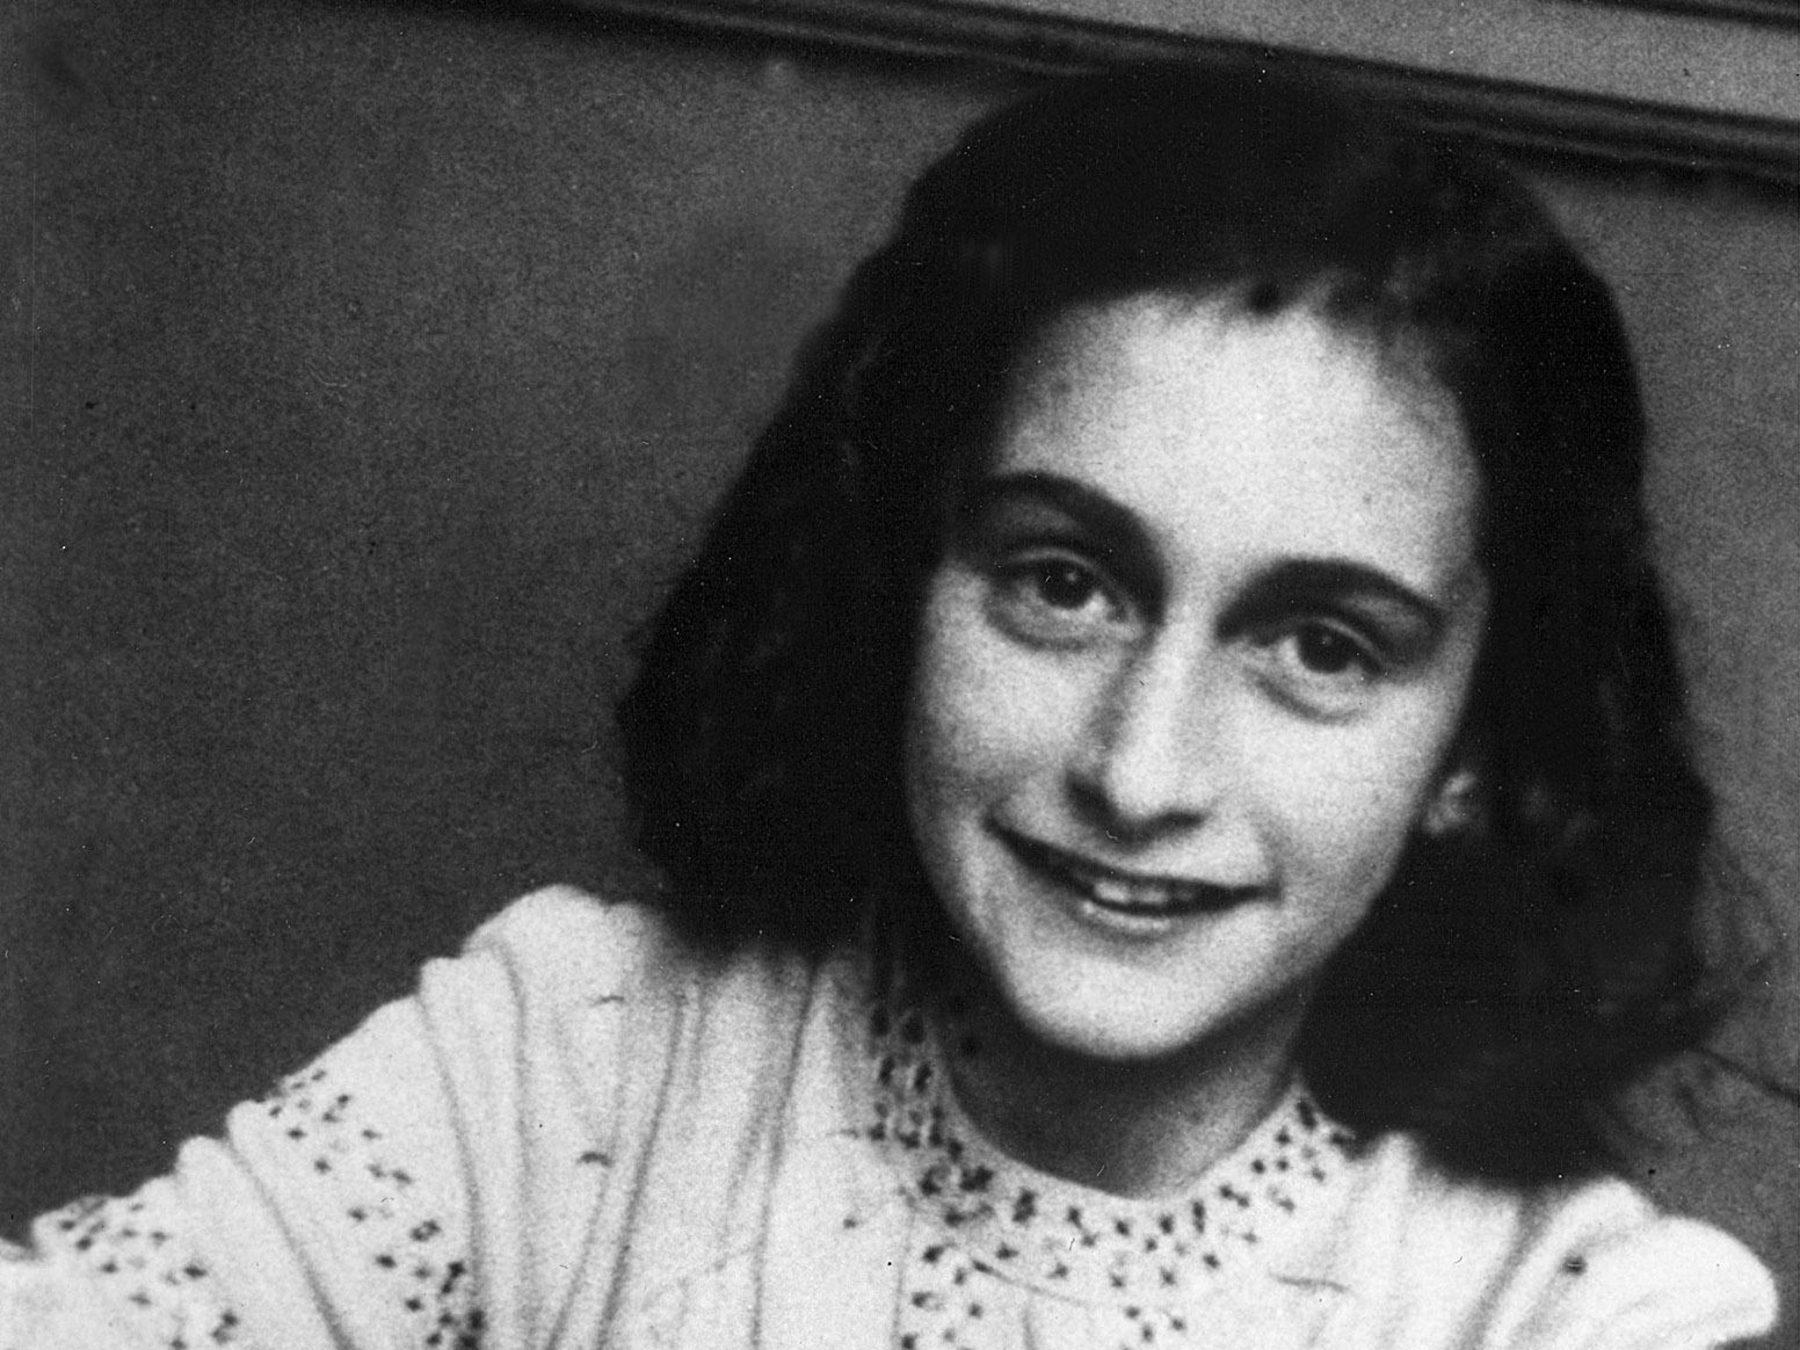 Hallan un colgante similar al de Ana Frank en campo de concentración Nazi